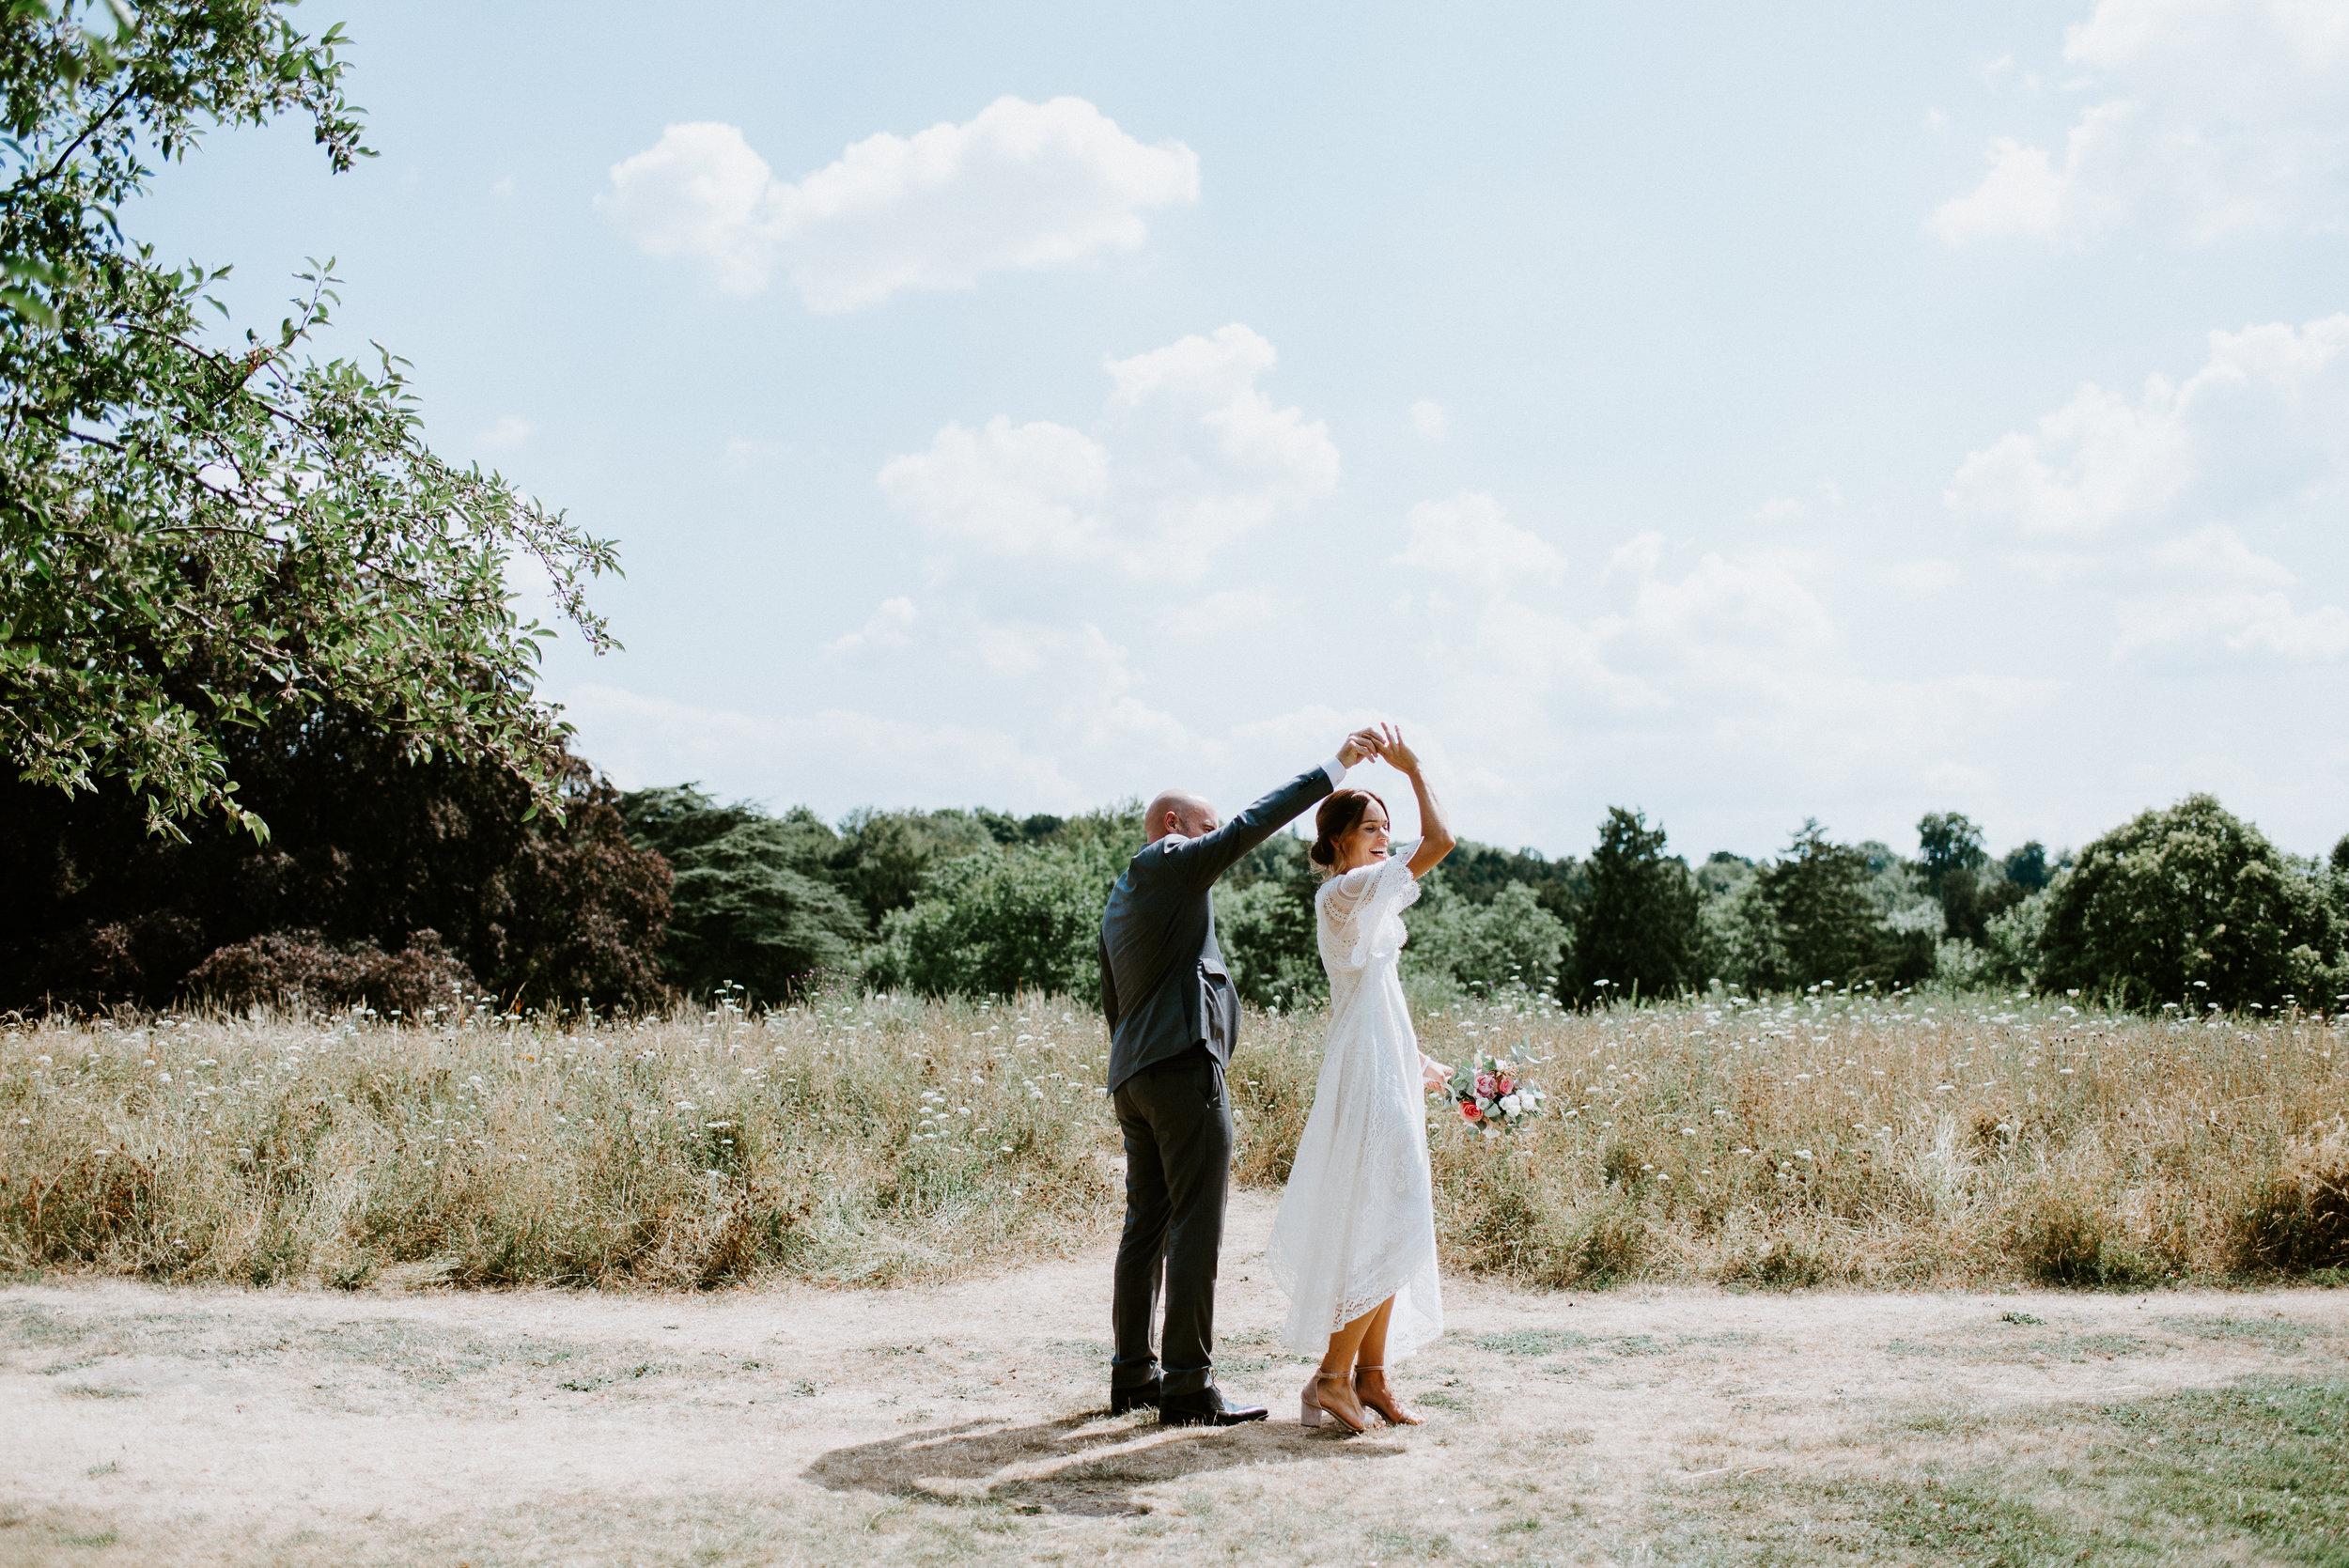 Hanna_Jason_Wedding_Photos (235 of 294).JPG